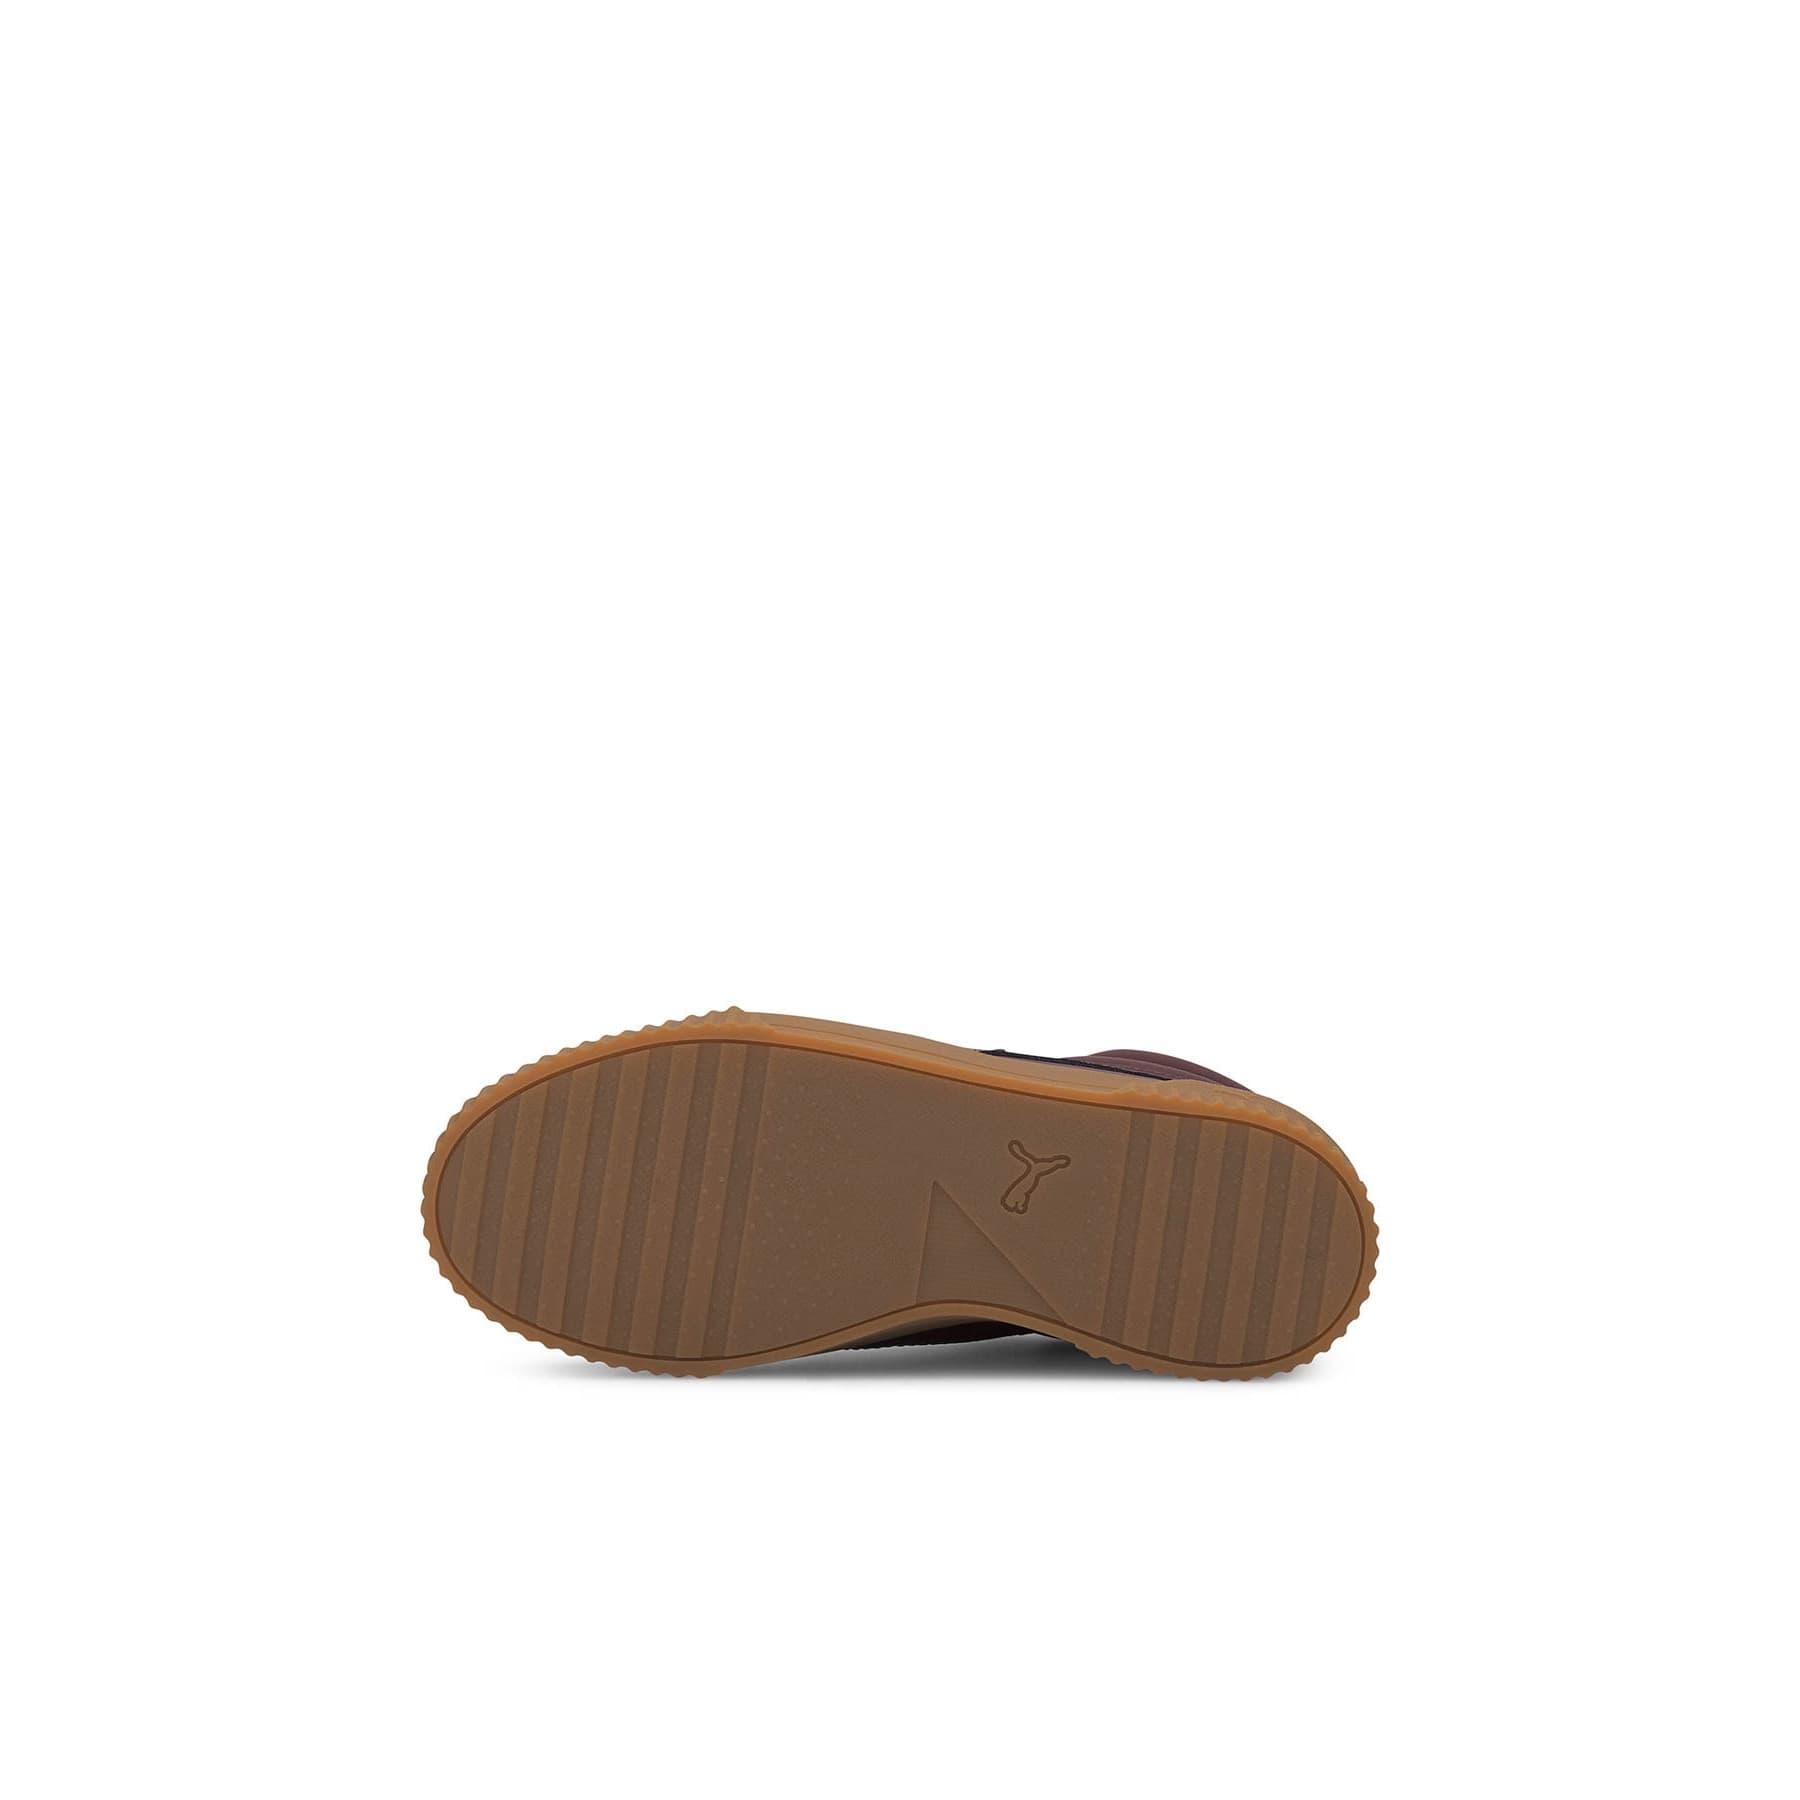 Carina Mid Kadın Bordo Spor Ayakkabı (373233-04)